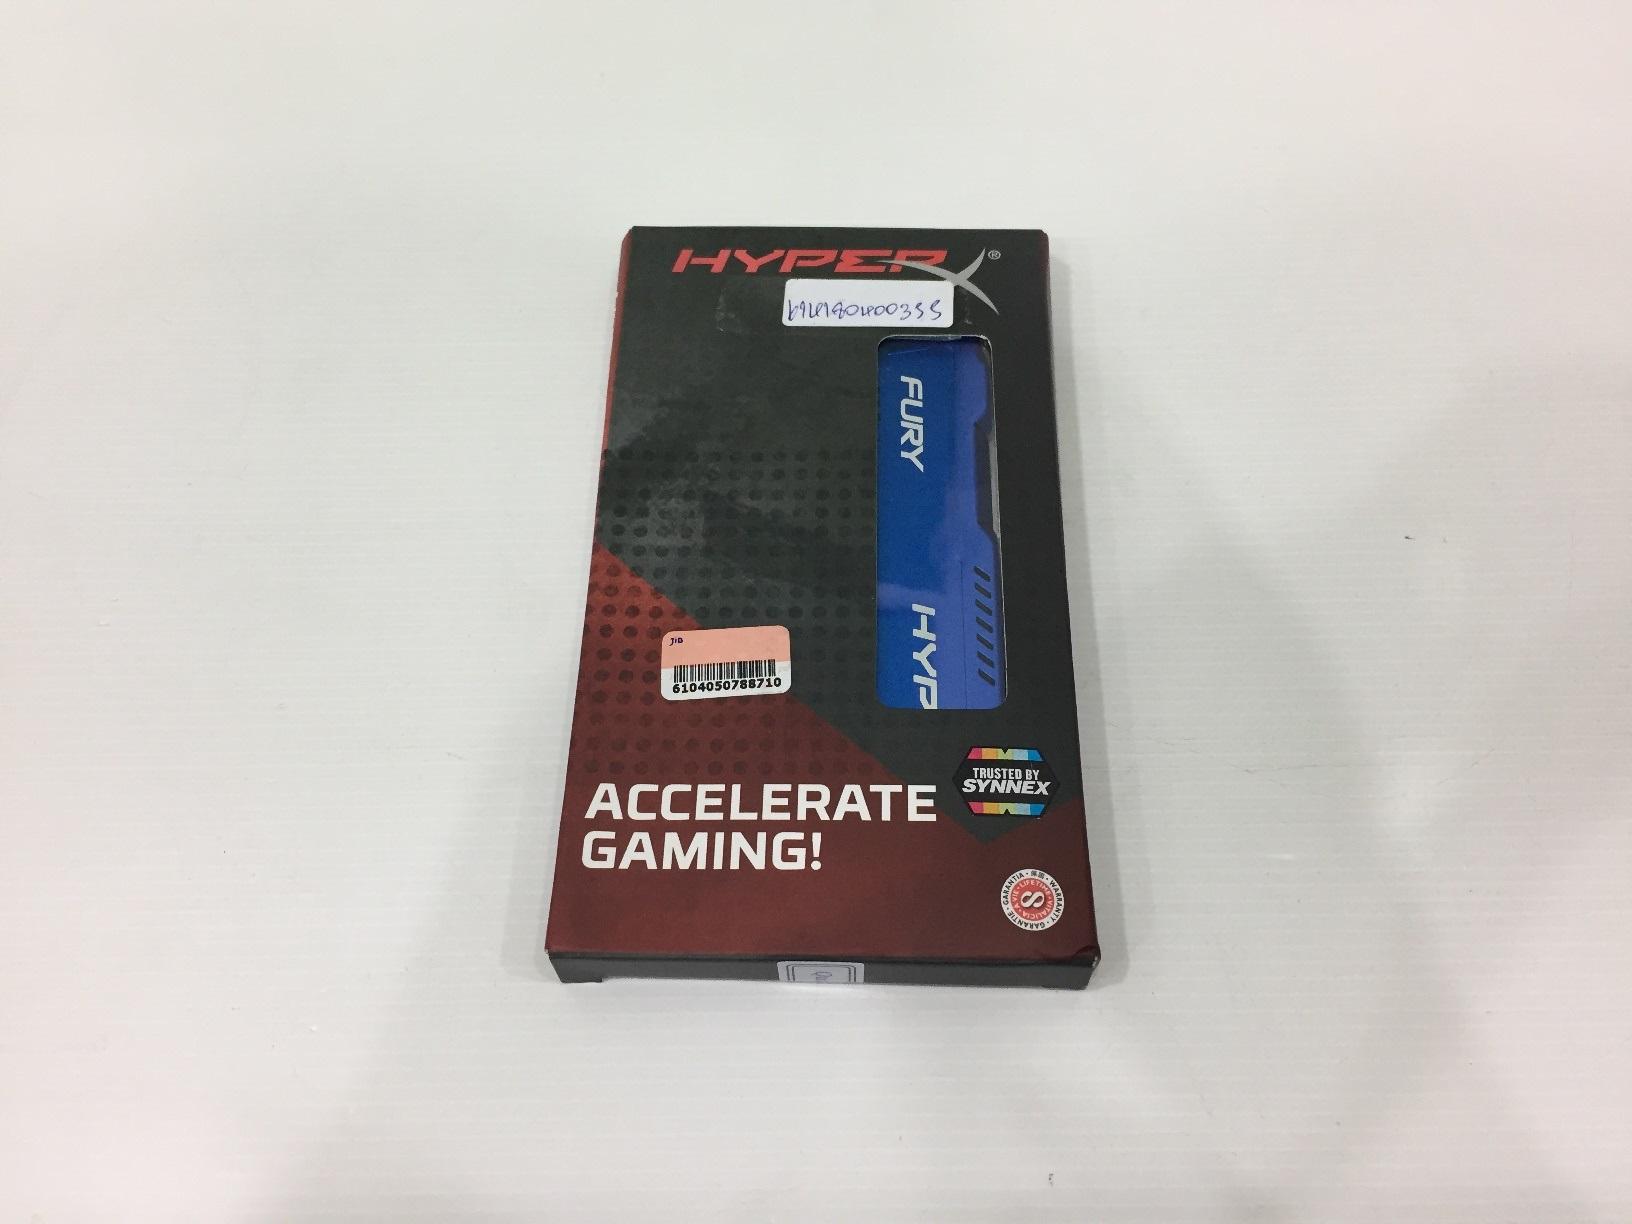 8GB. DDR-1600 KINGSTON HyperX